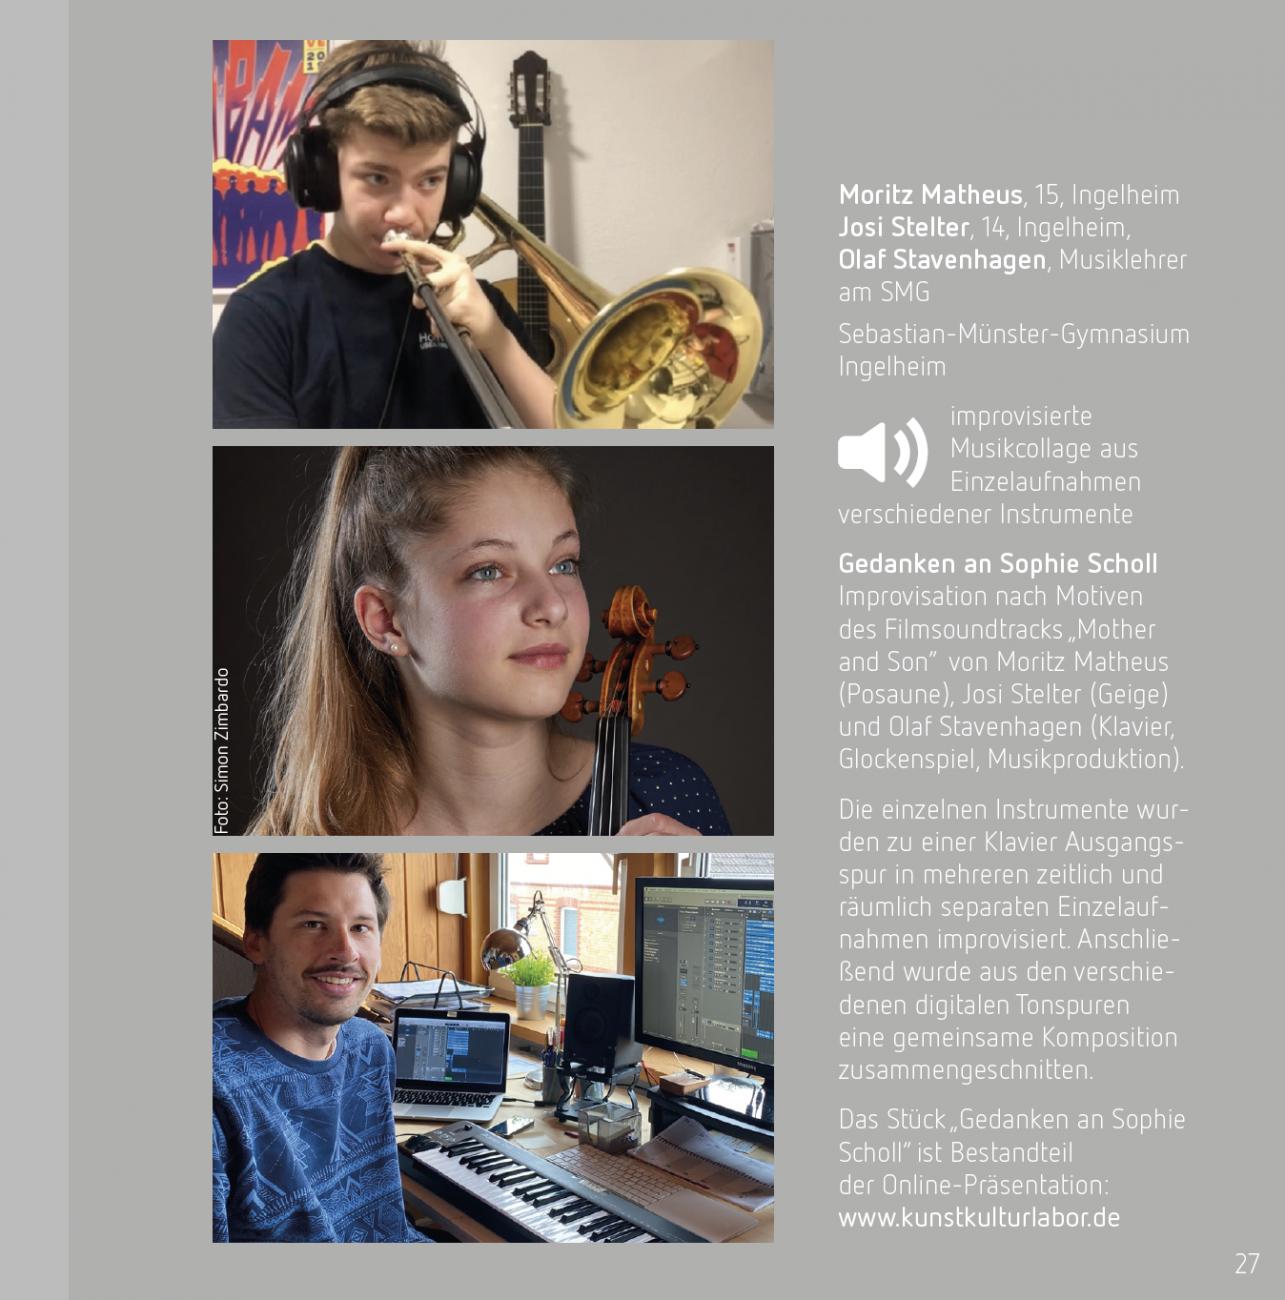 kunstkulturlabor Tobias Boos, Mitmach-Projekt zum 100. Geburtstag von Sophie Scholl Simon Zimbardo